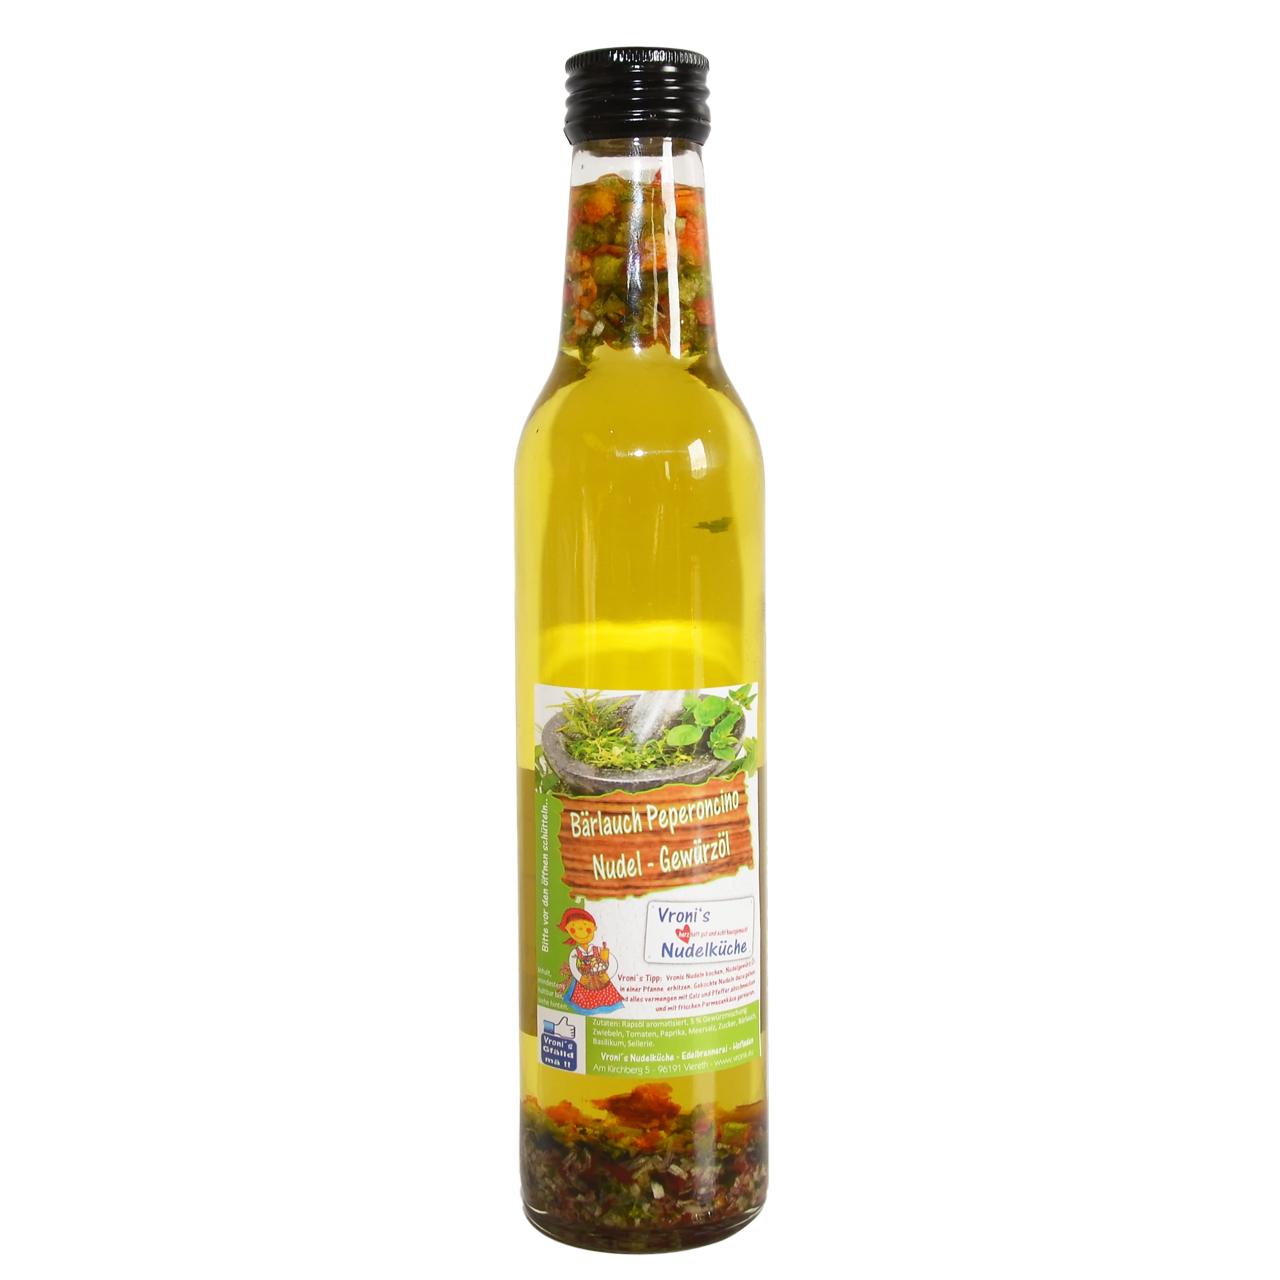 Nudel Gewürzöl - Bärlauch Peperoncino